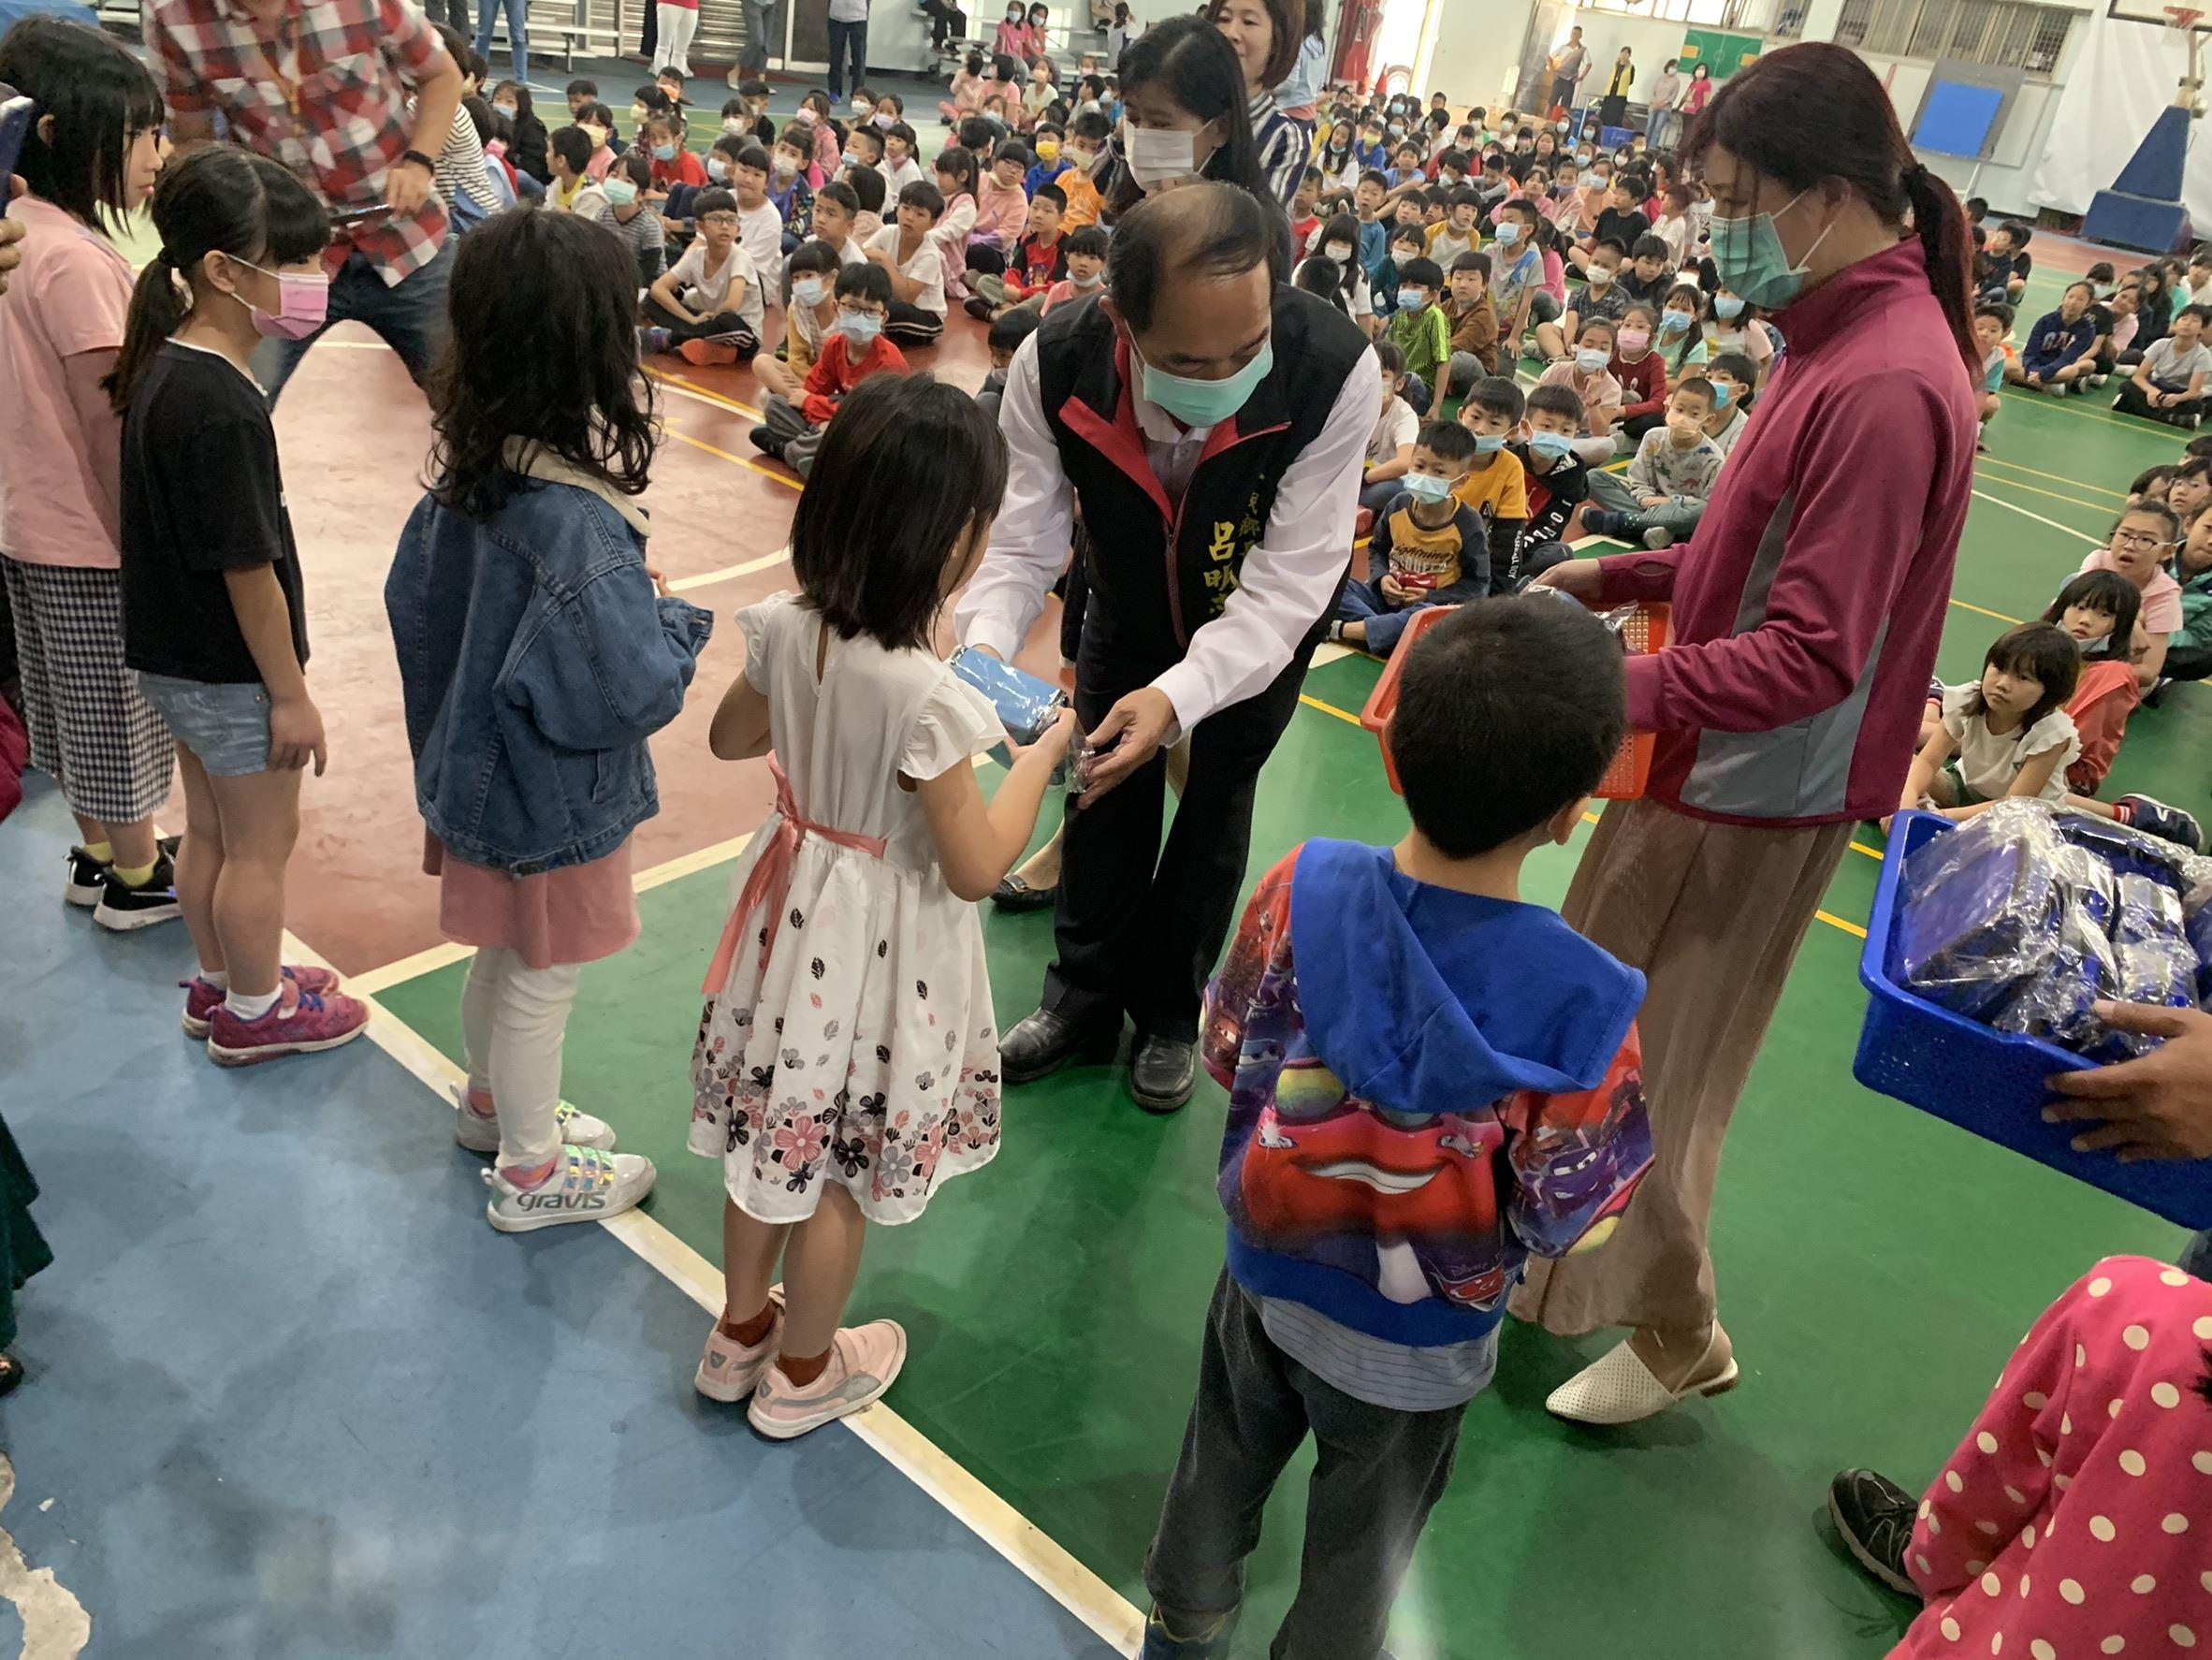 三義鄉發送兒童節禮物 喜迎兒童節連假 歡慶兒童節